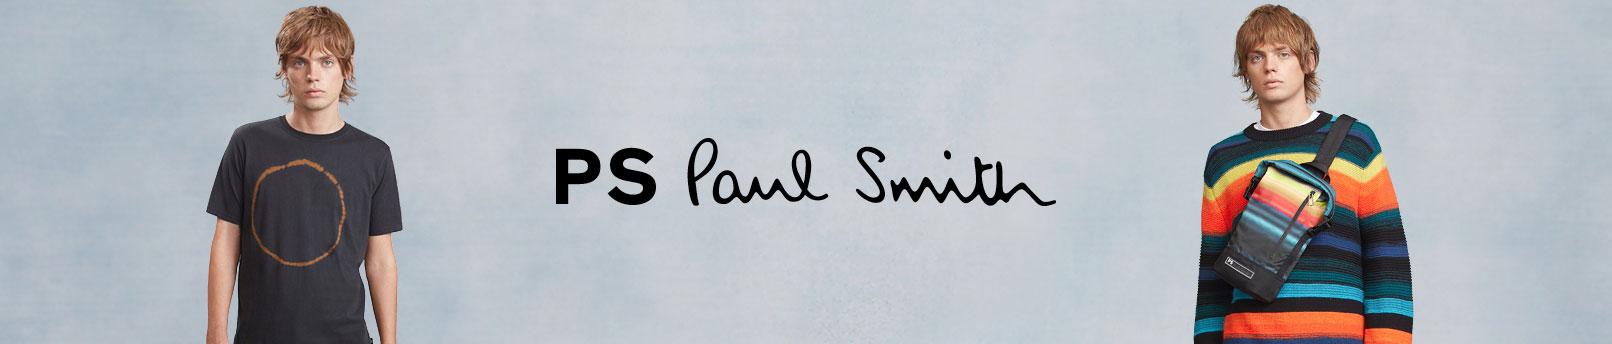 PS Paul Smith shoppen